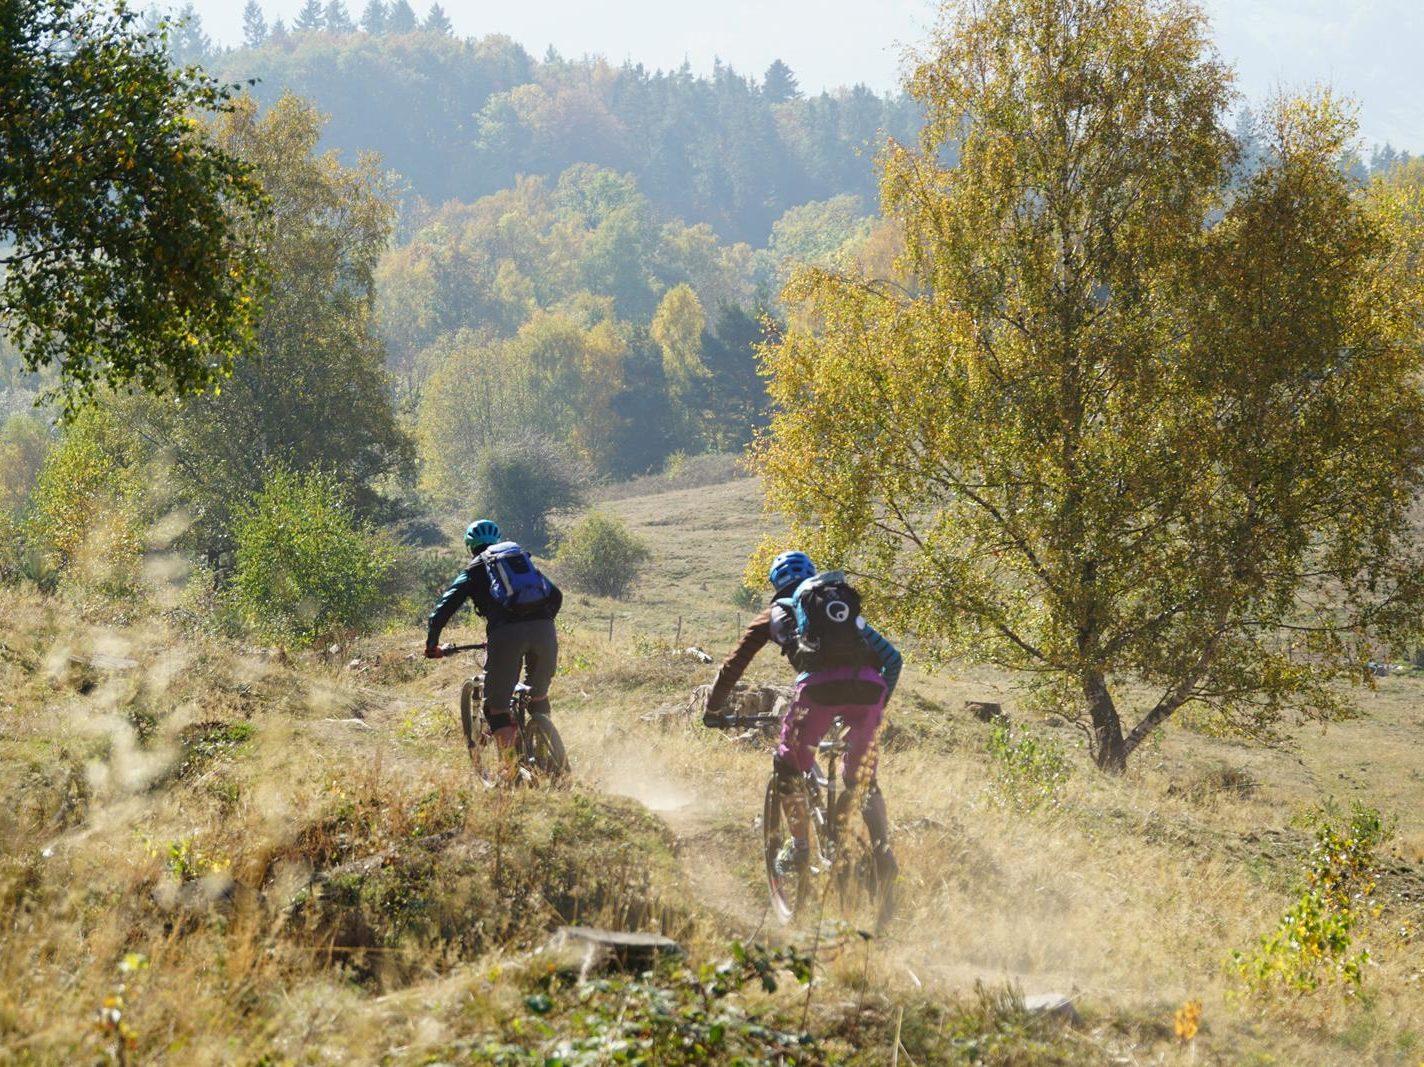 Naturbelassene Trails, tolle Abfahrten und viel Flow - in den Vogesen macht es einfach Spaß zu biken.